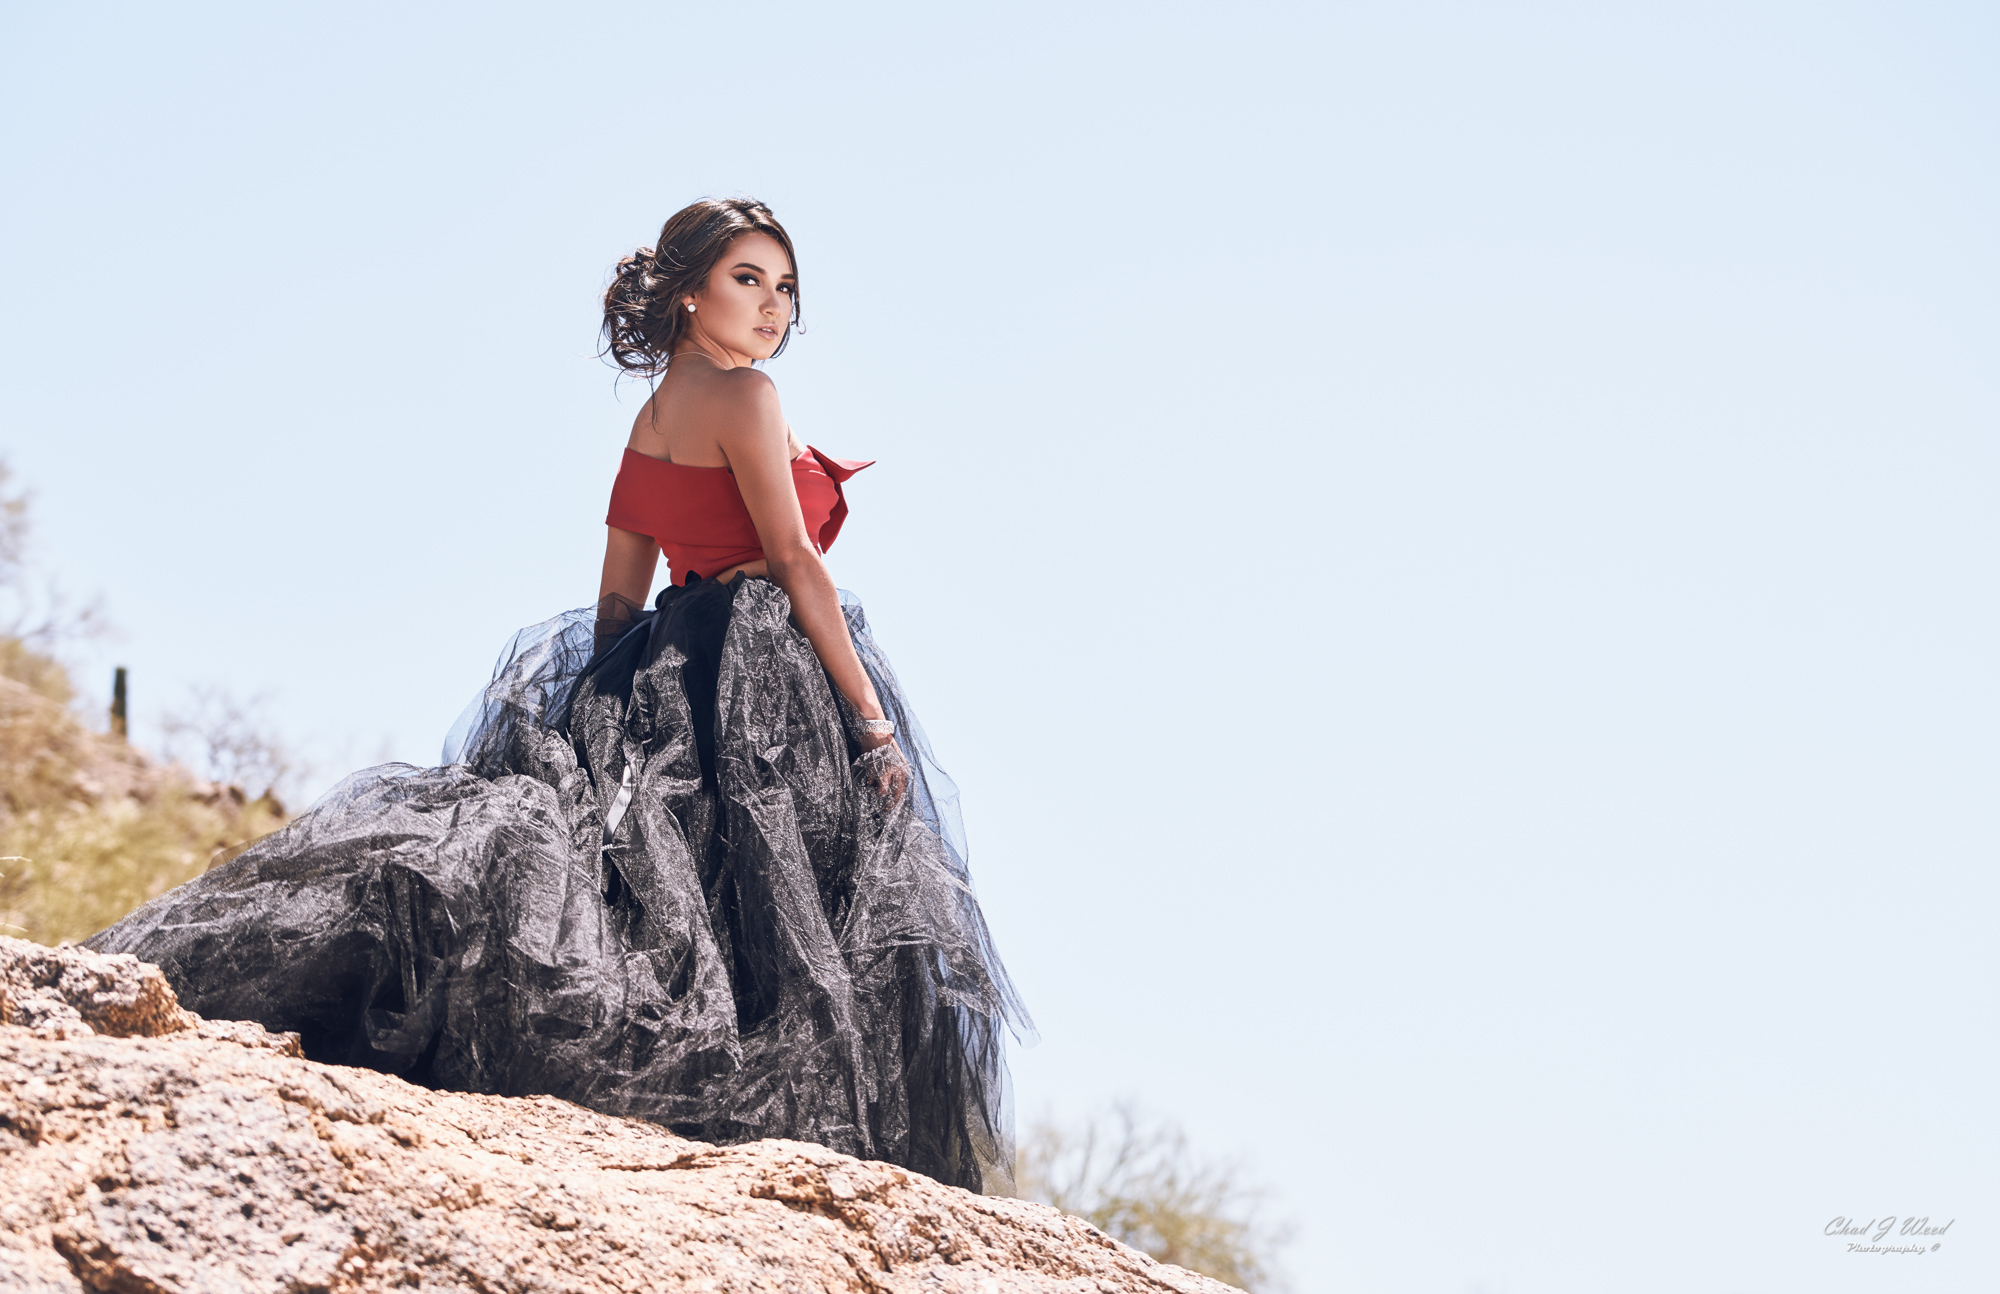 Fashion Model Zari by Mesa Arizona Fashion Photographer Chad Weed